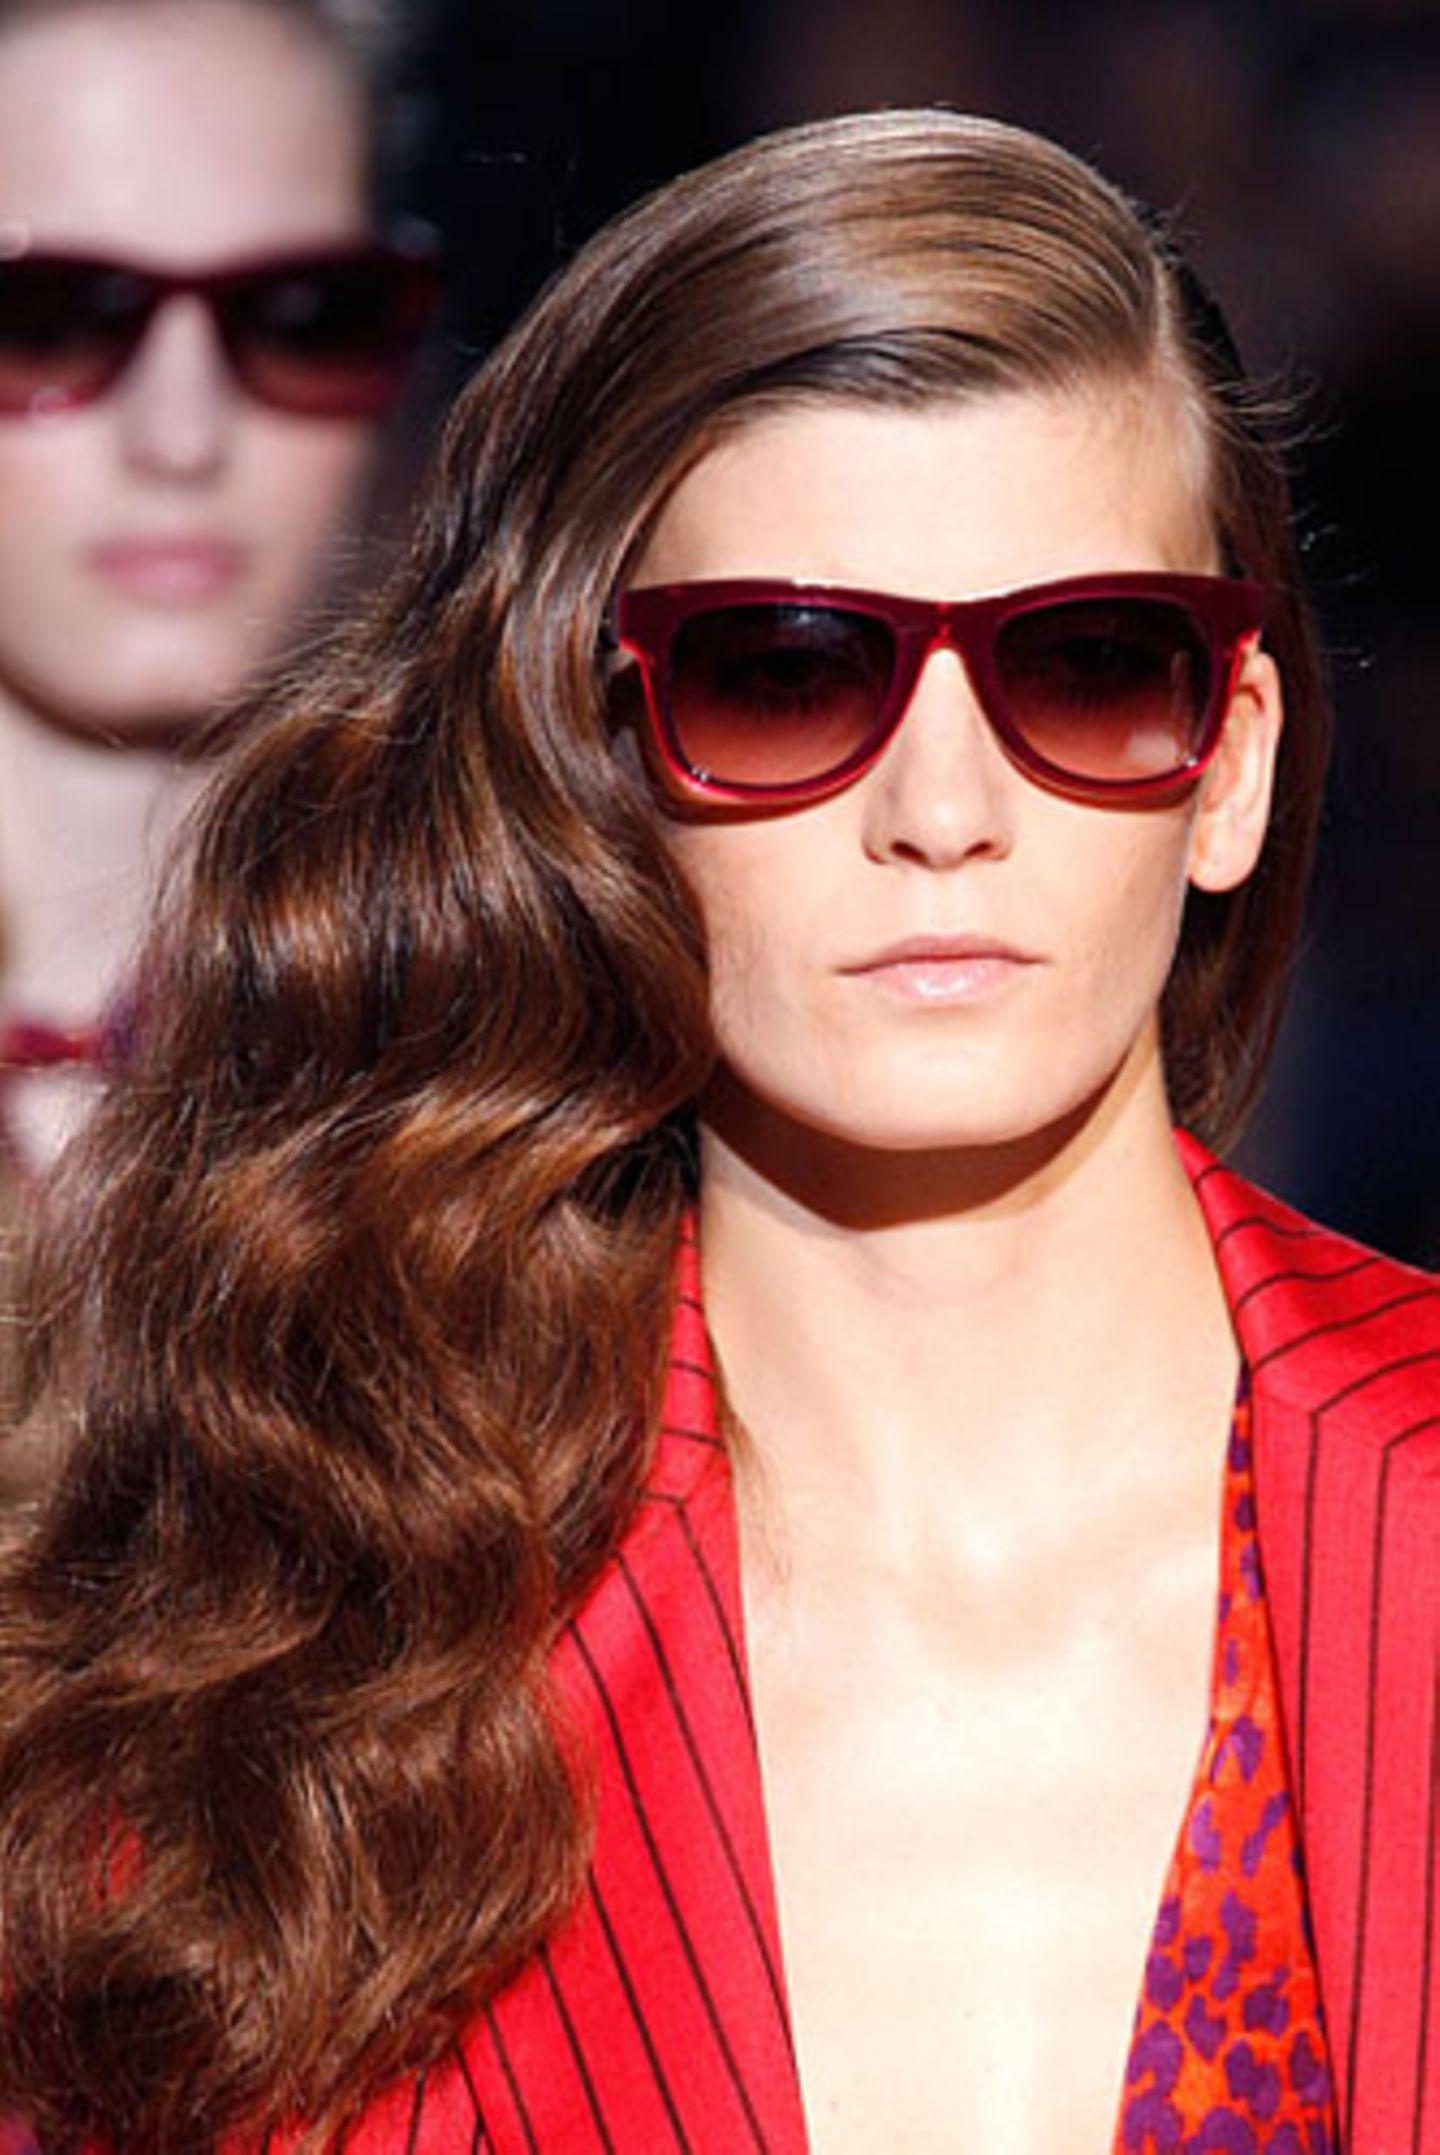 Frisuren für dicke Haare - Schnitte, Styling und viel, viel Inspiration